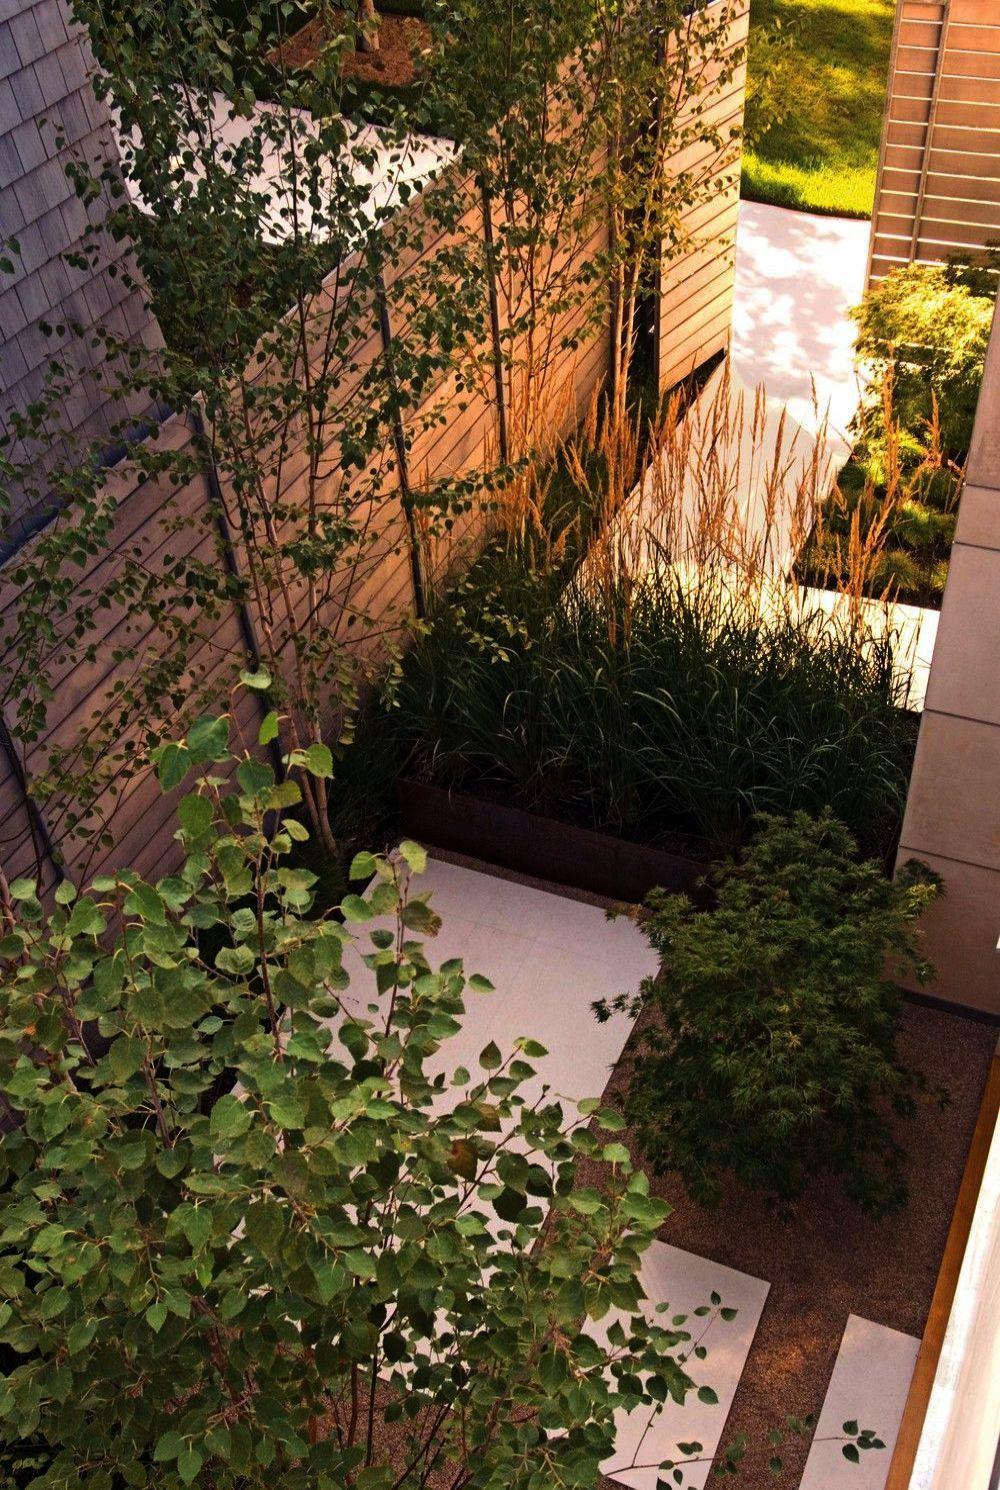 Landscape Gardening Jobs Hampshire Above Course In Landscape Gardening Some Landscape Gardening Design Hal Urban Garden Design Urban Garden Small Garden Design